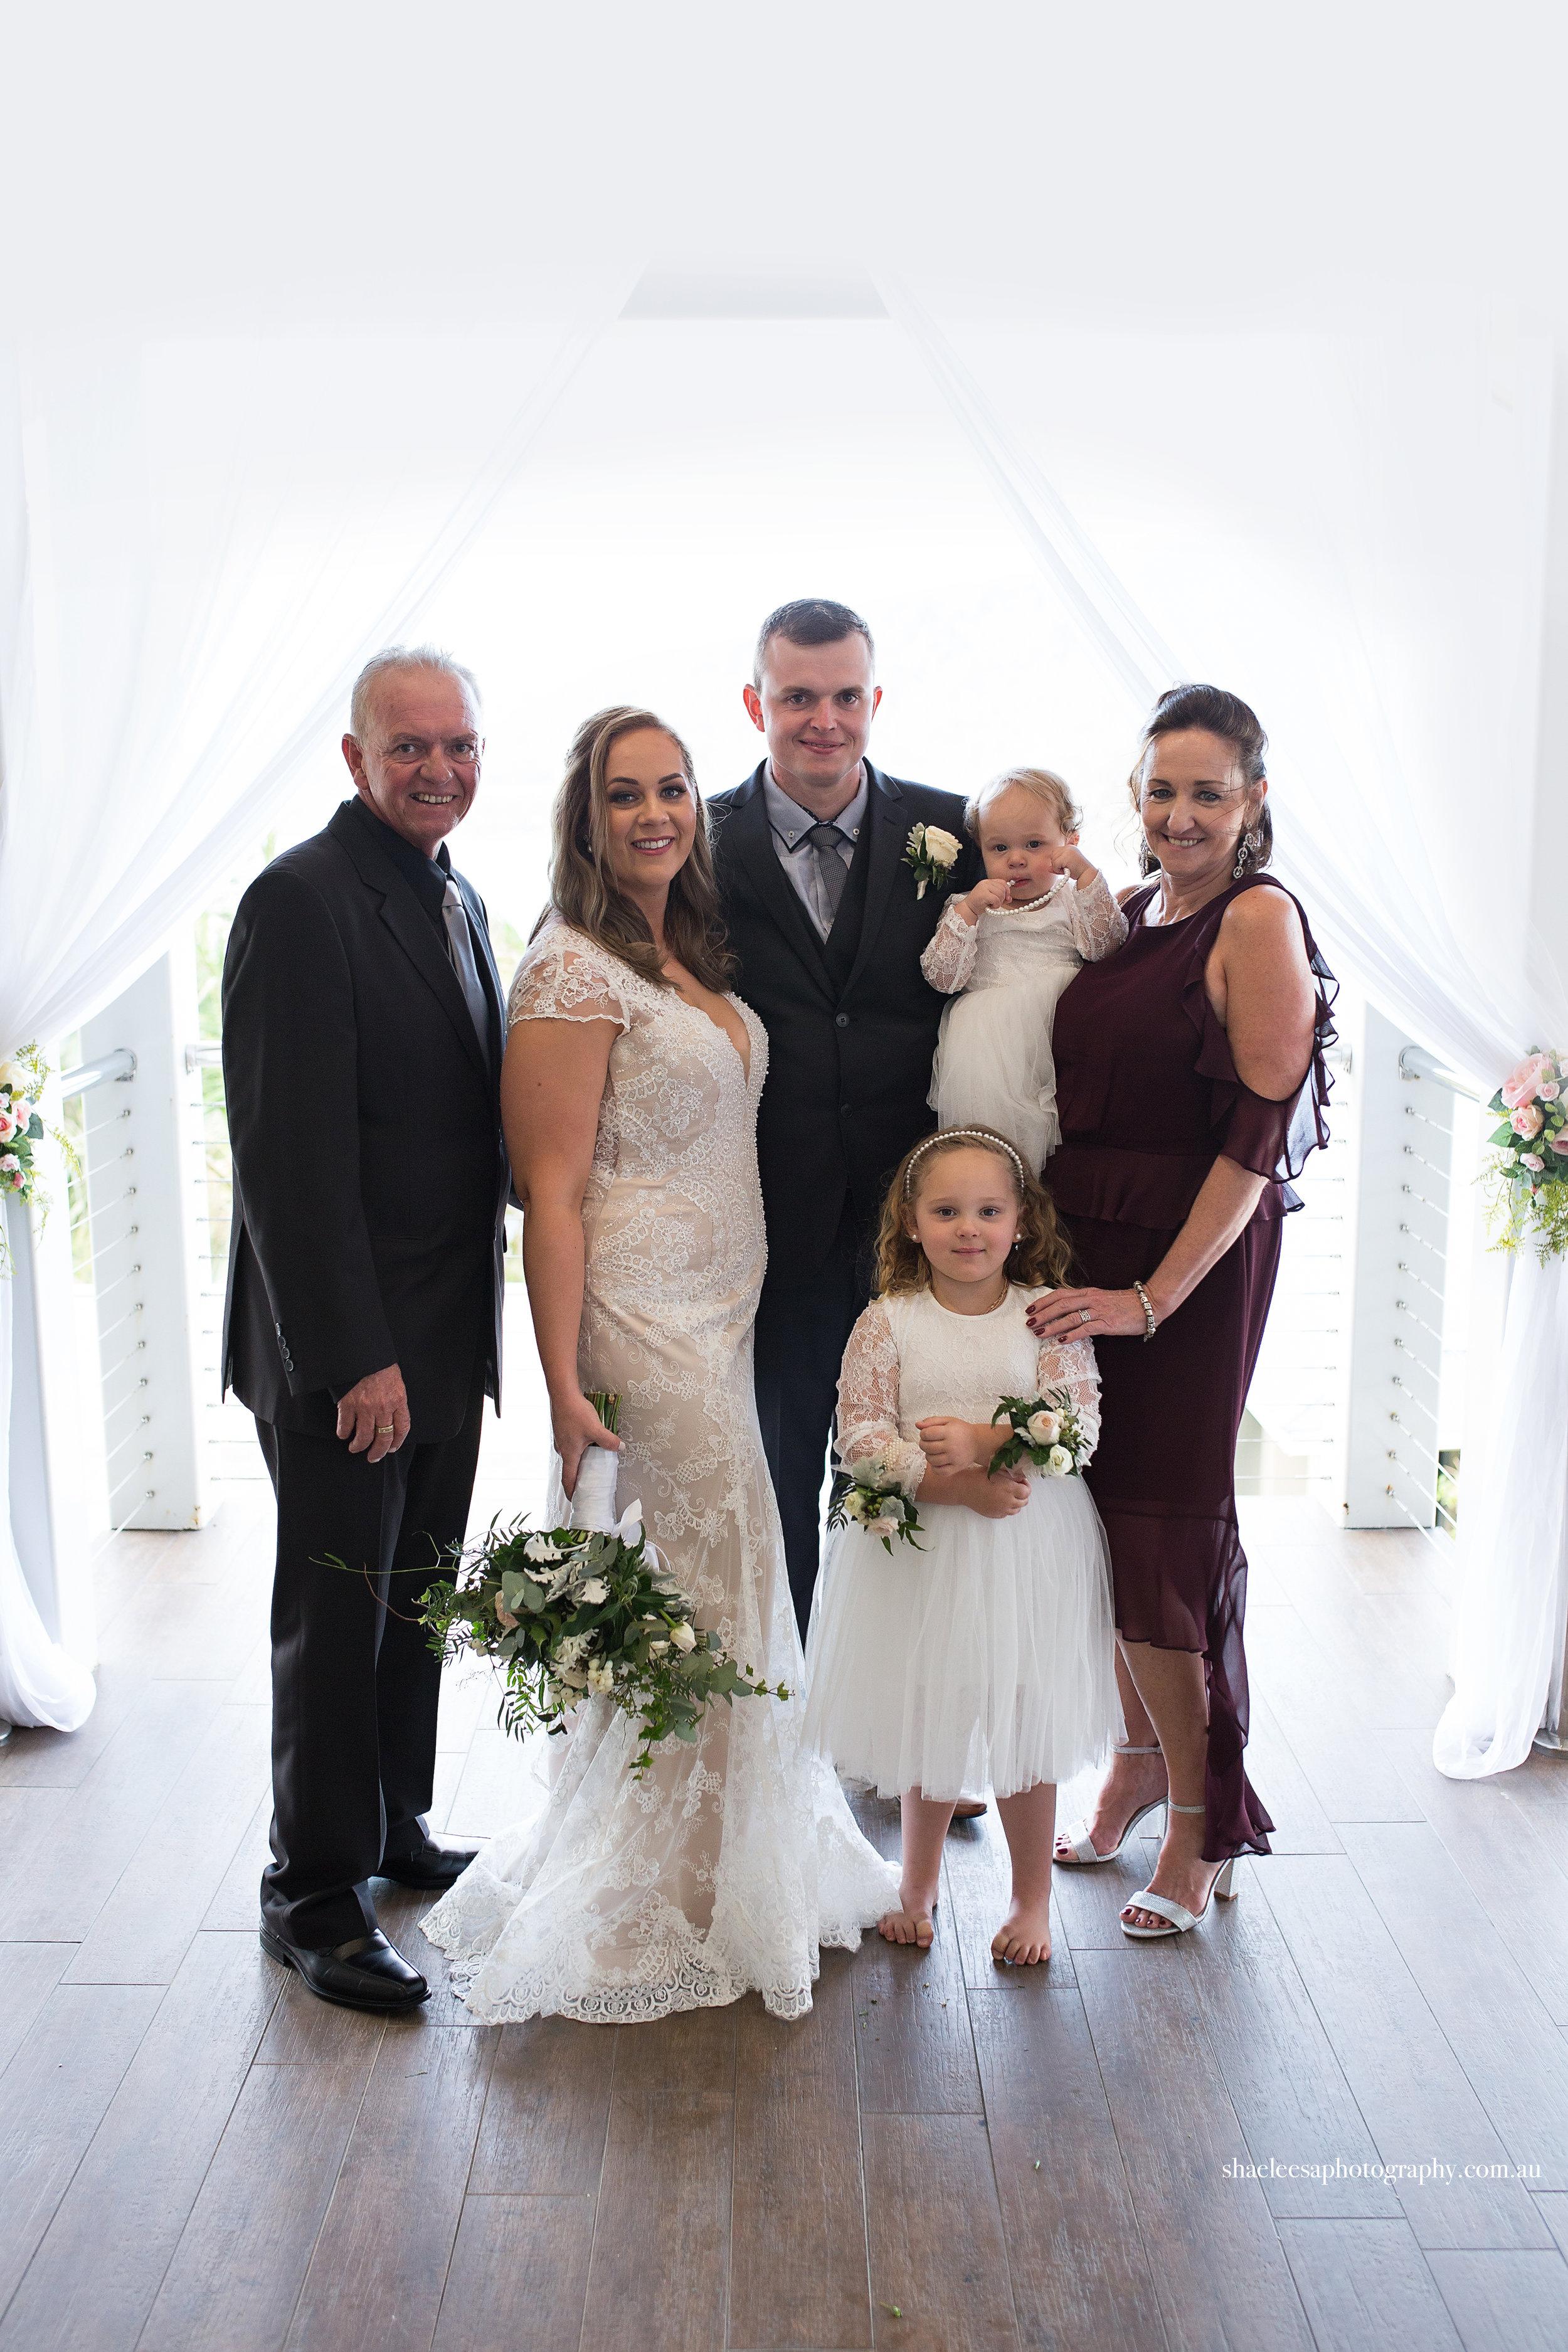 WeddingsByShae_146_McDermid2017.jpg